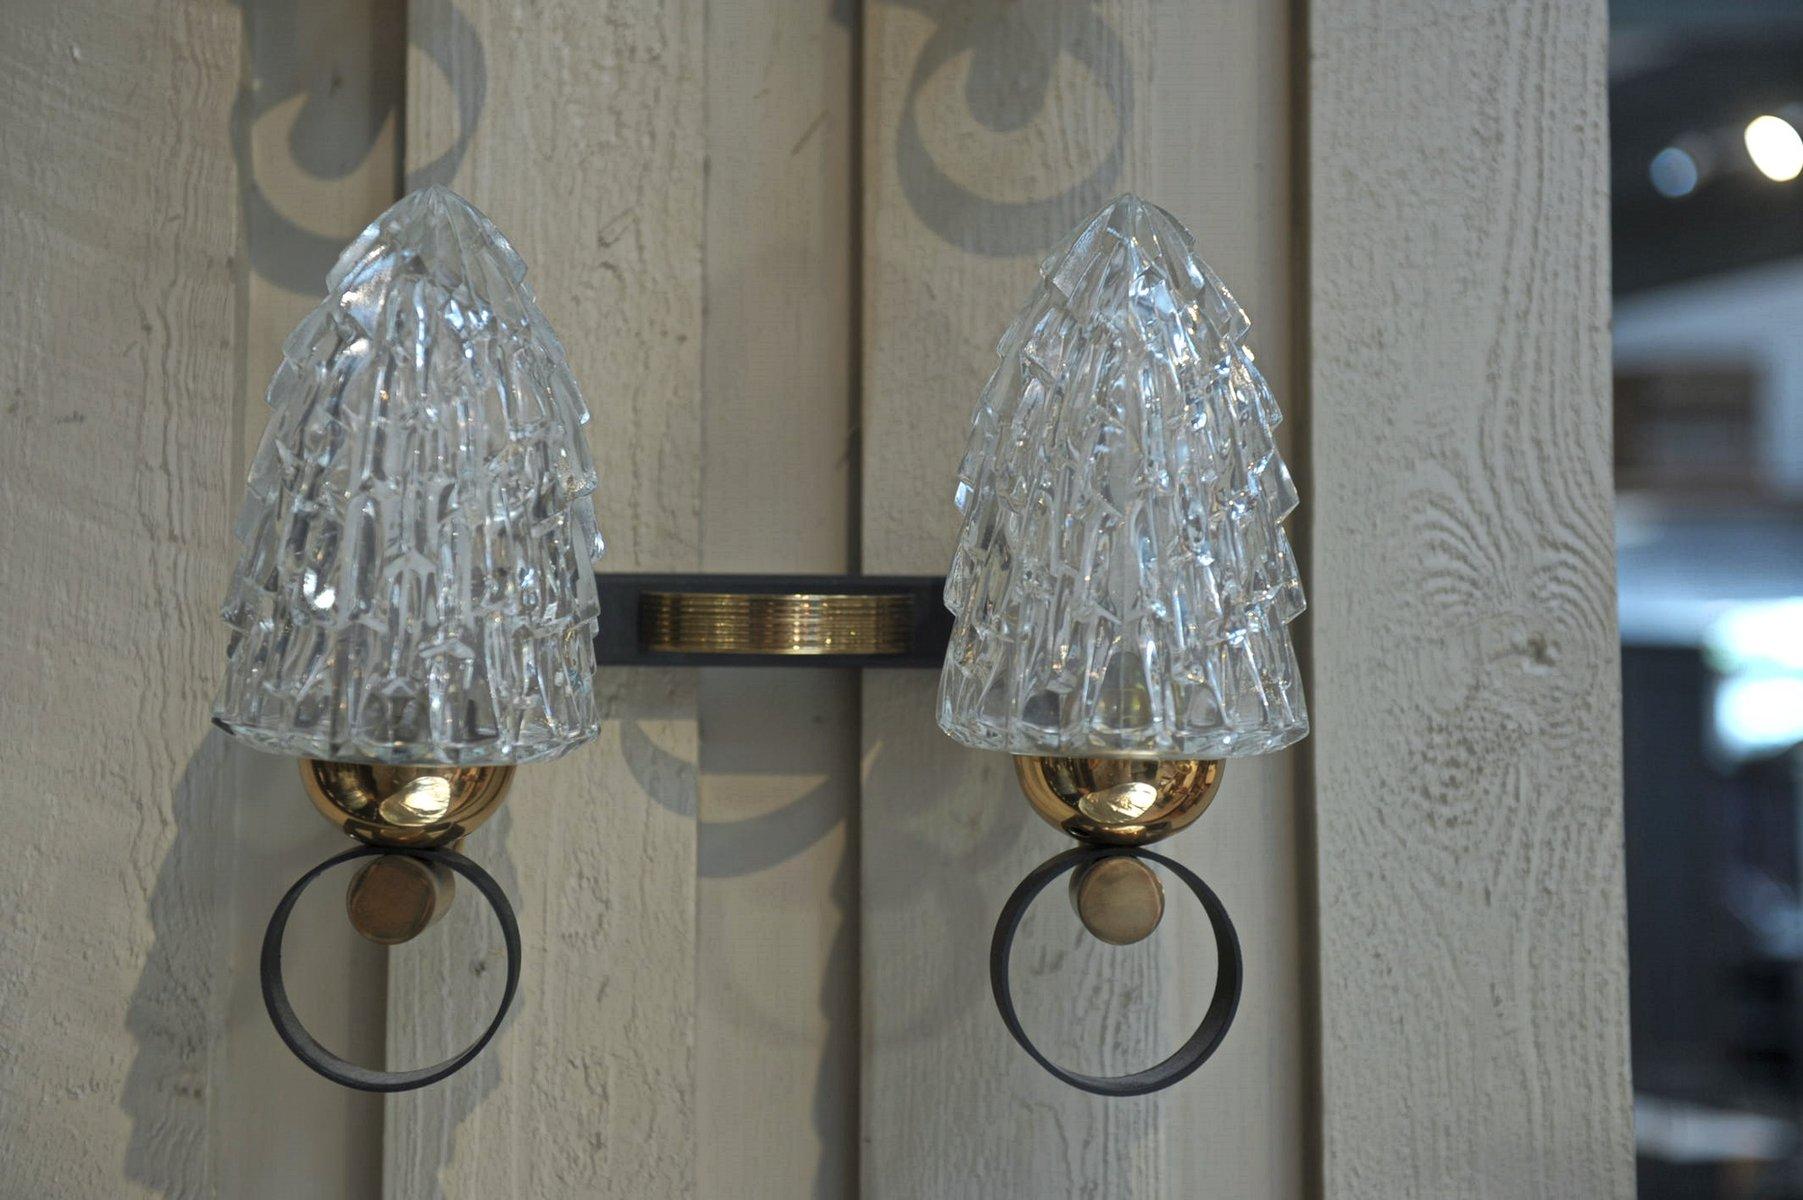 Lampade In Vetro Anni 70 : Lampade da parete vintage in ottone e vetro anni 70 set di 2 in